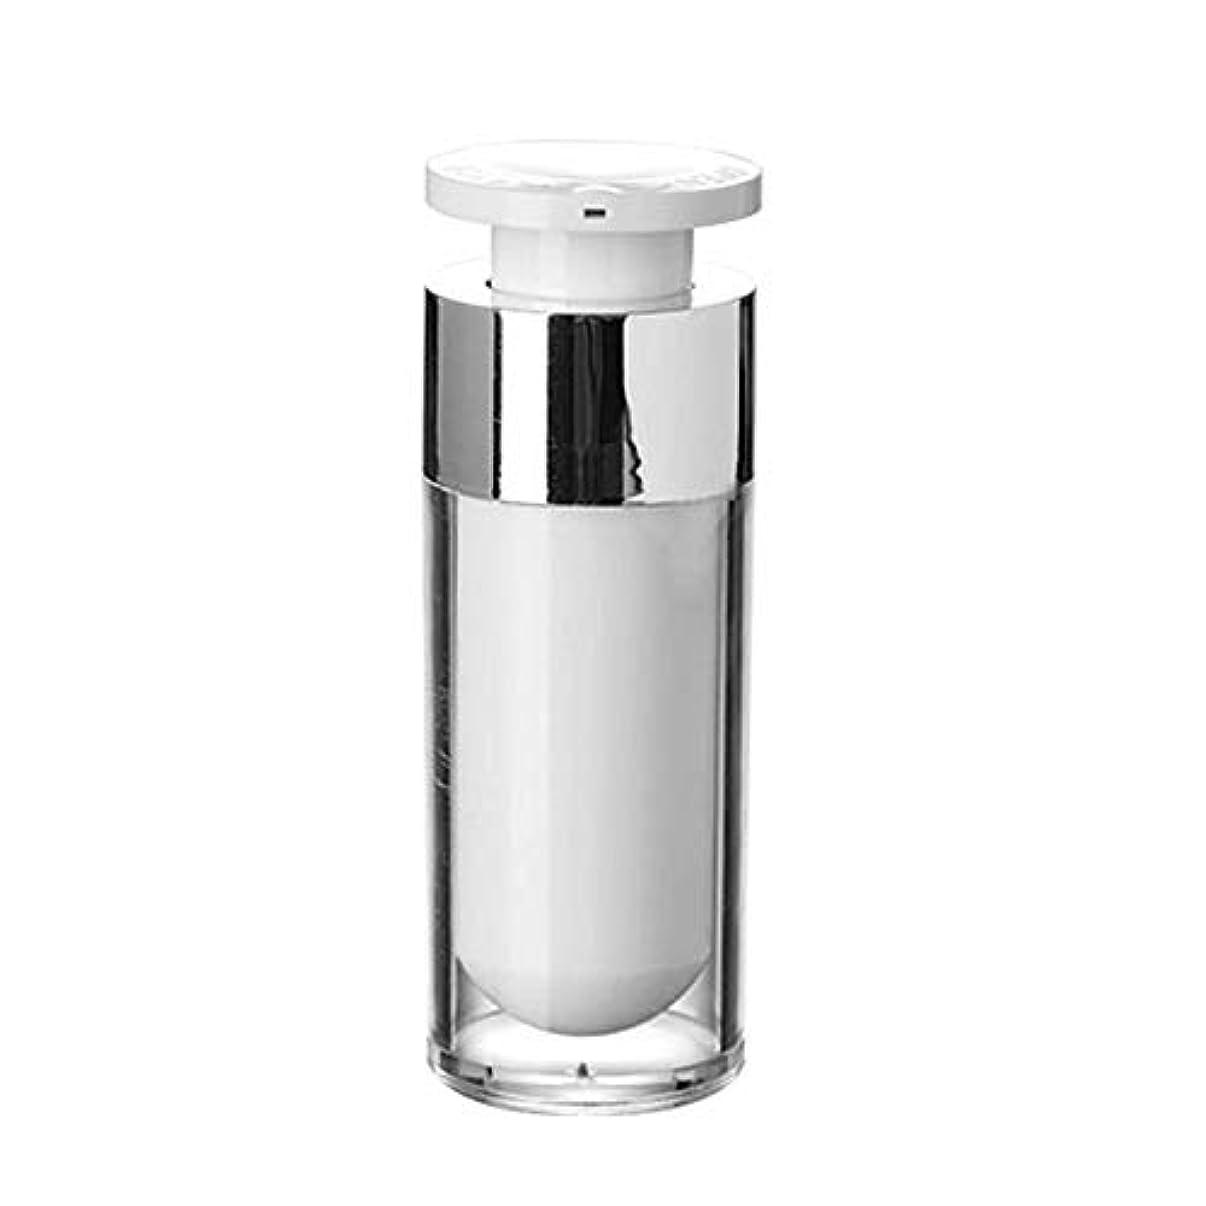 代数クラブ固めるOBEST 詰め替えボトル 真空ボトル ポンプタイプ エアレス プッシュボトル 乳液 小分け容器 プラスチック 携帯用 花粉対応 旅行用(30ML) (ポンプ式)